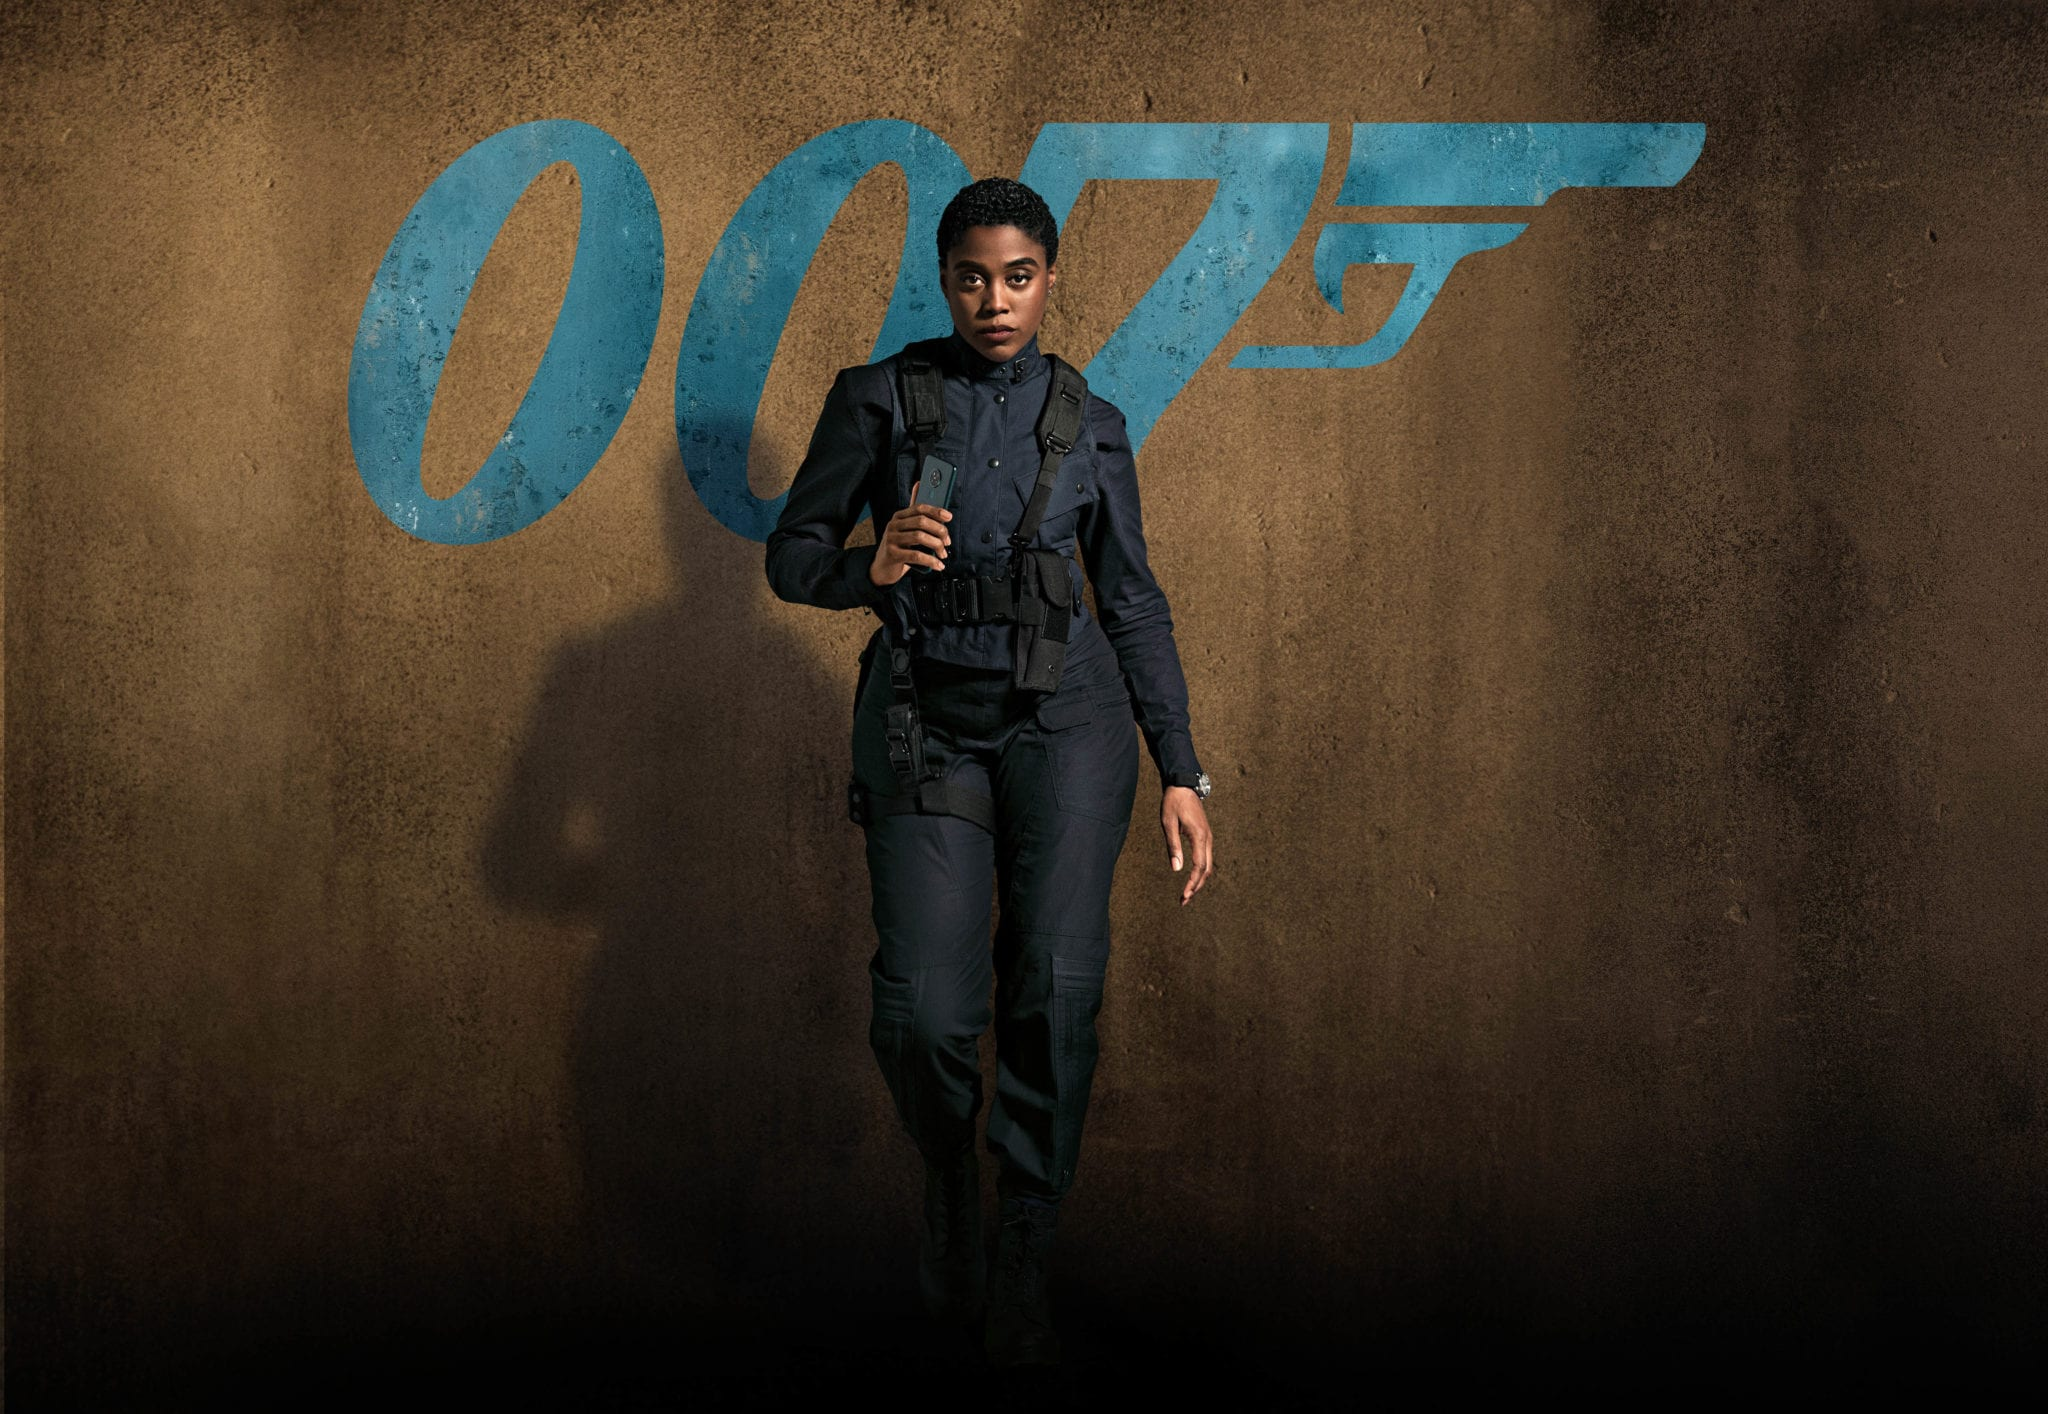 Nokia 5G apare în noul film Bond